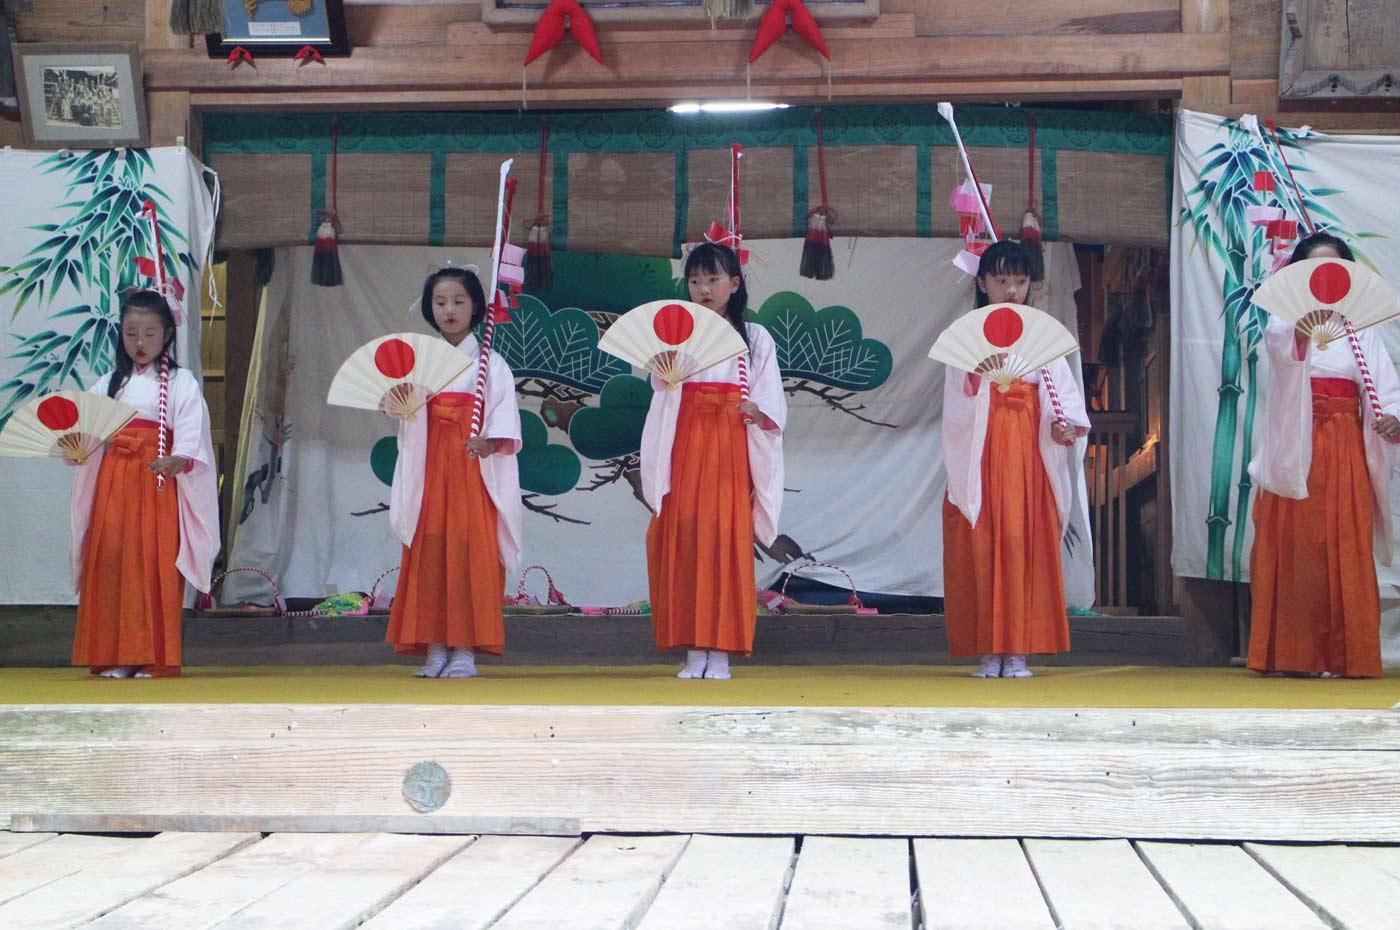 賀茂神社の花踊り扇の舞い